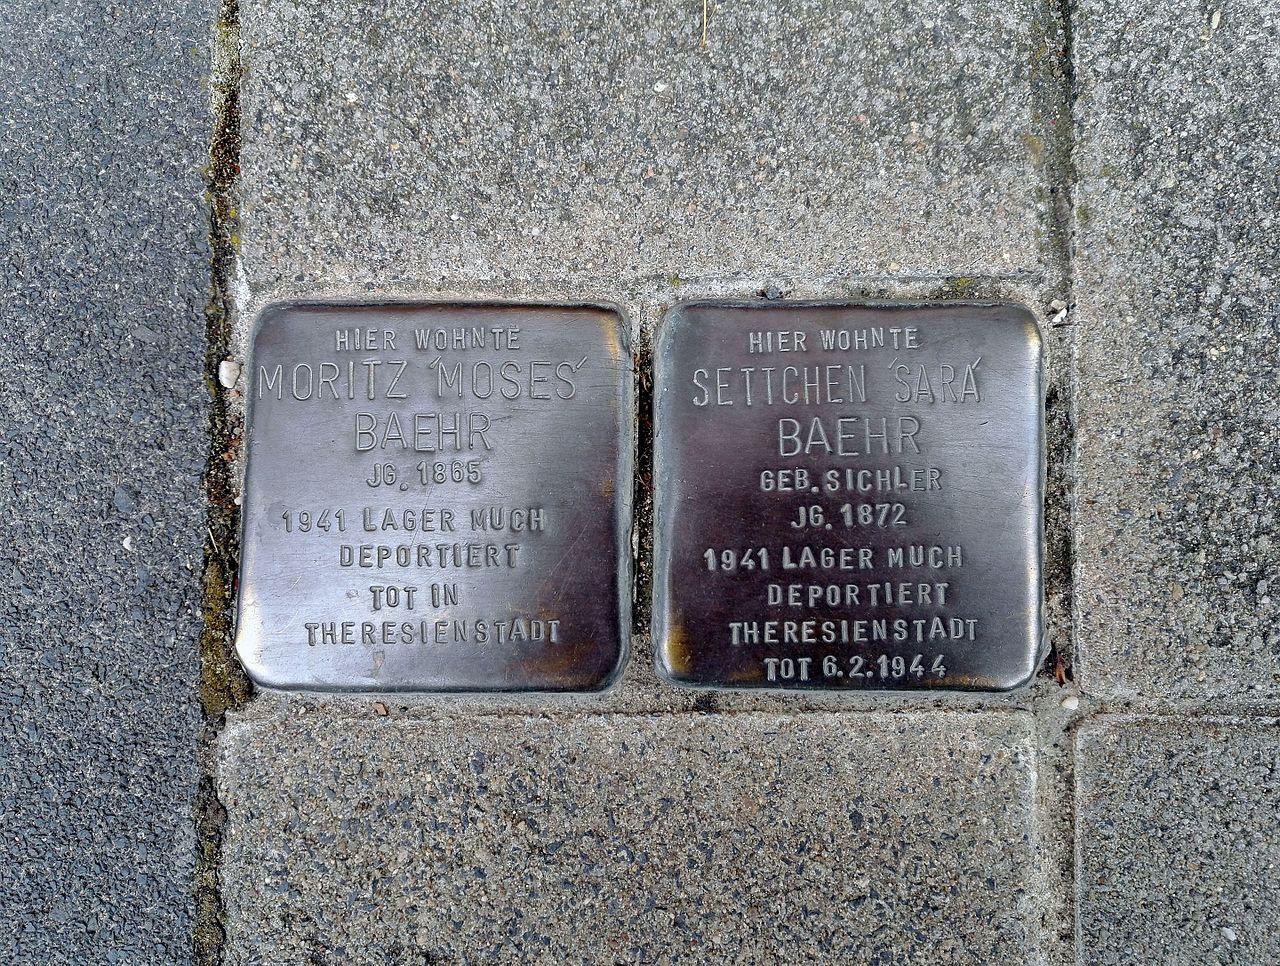 Stolpersteins Moritz 'Moses' Baehr, Settchen 'Sara' Baehr, Friedenstraße 5, Königswinter-Oberdollendorf.jpg